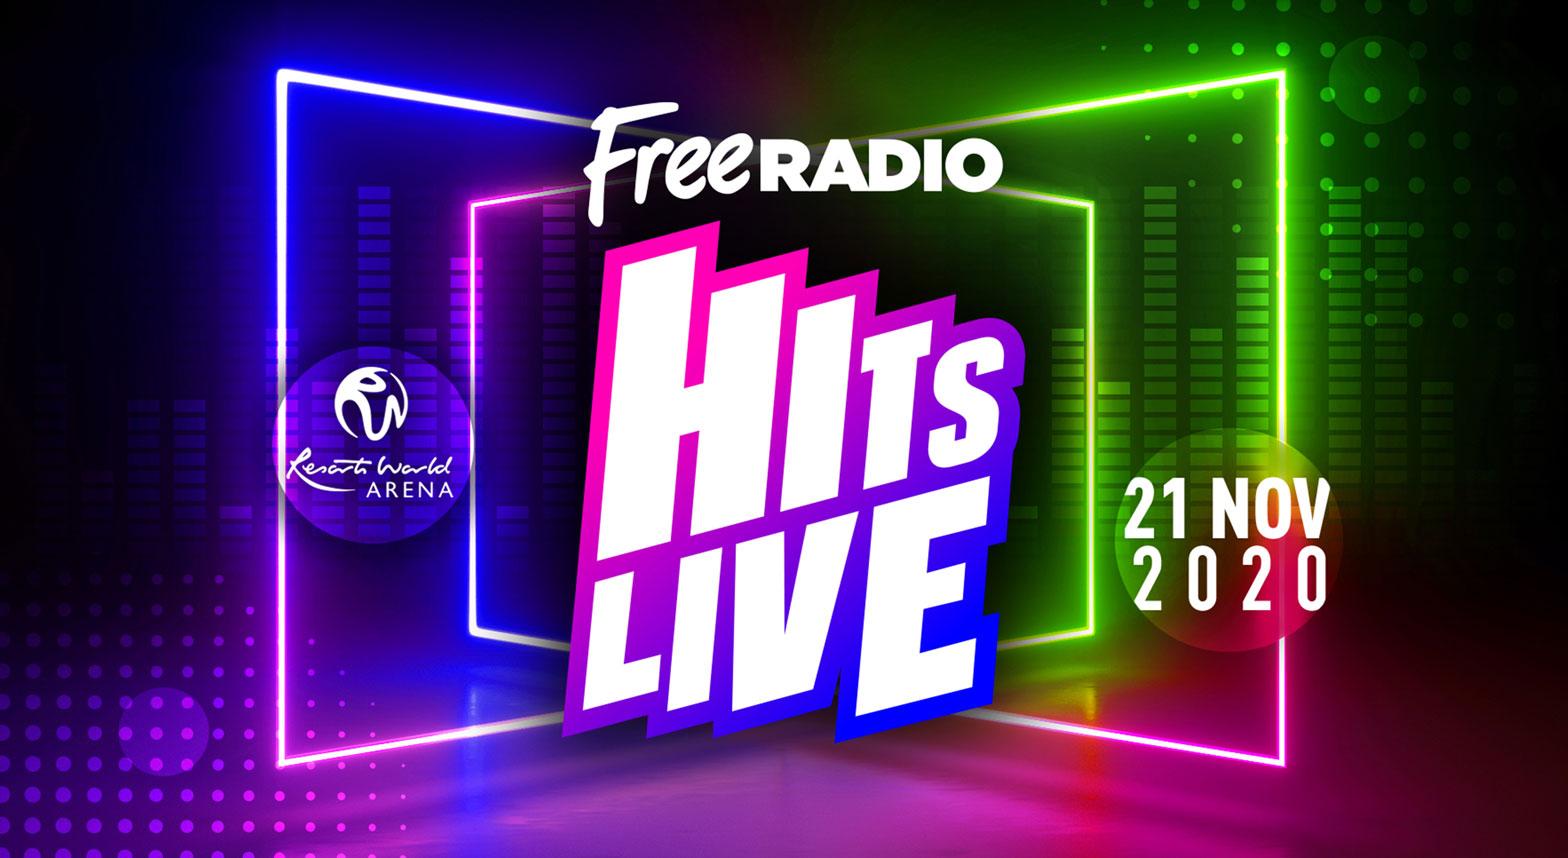 free-radio2020-arenas.jpg